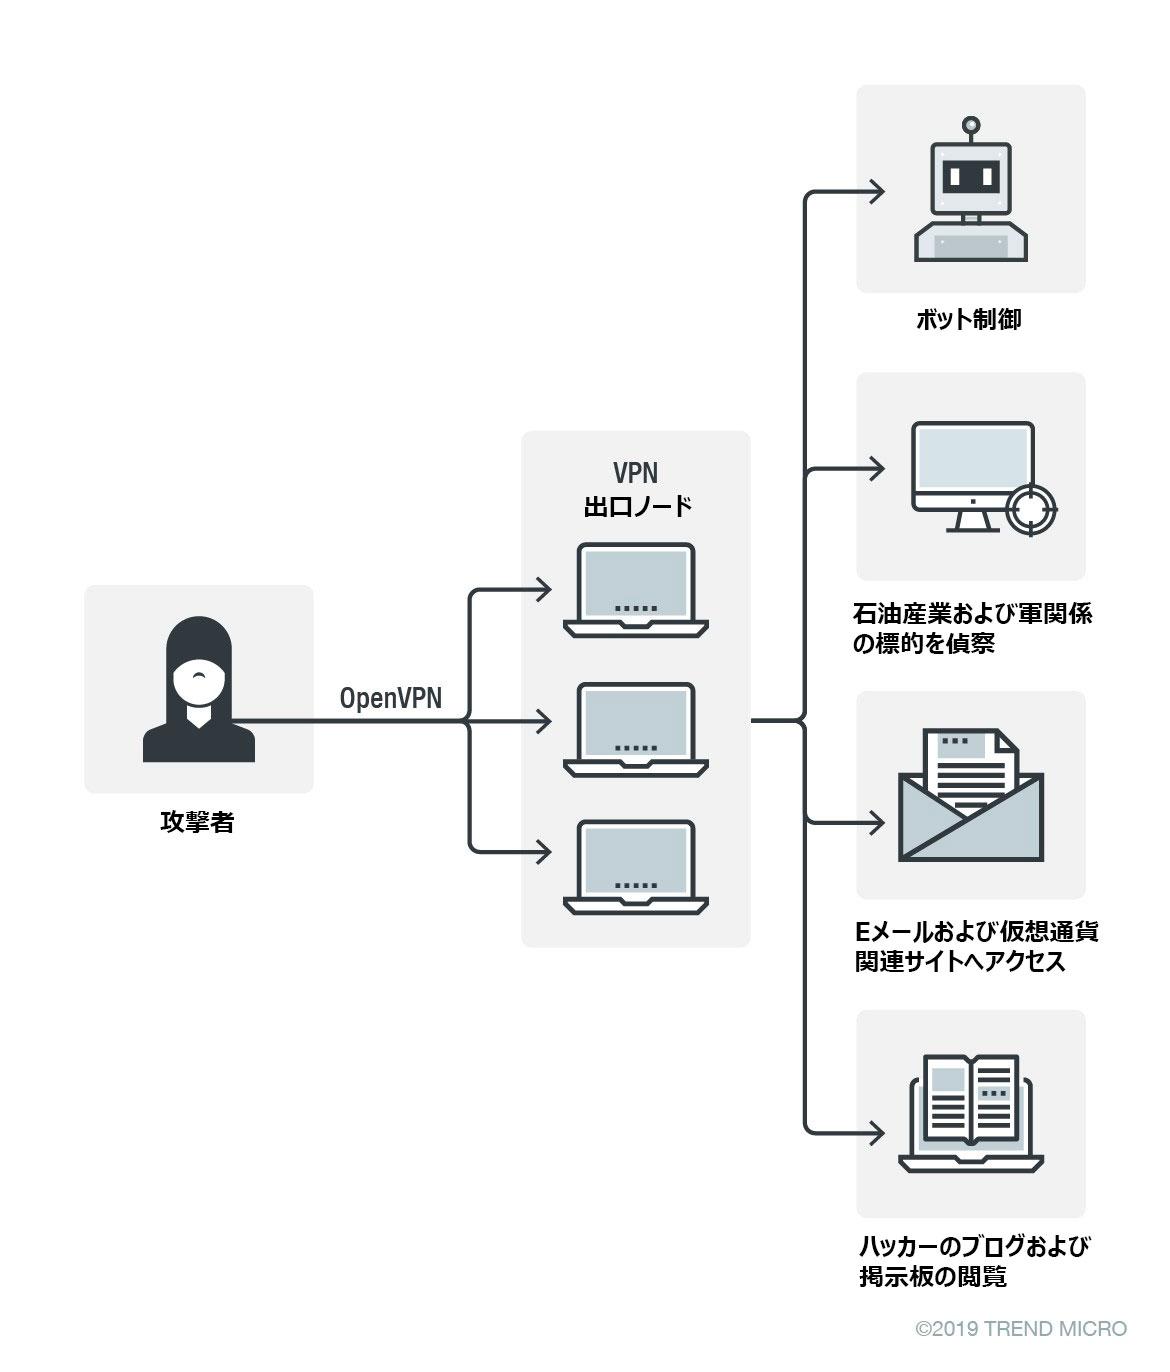 図2:私有VPNを使用したアクセスの概念図